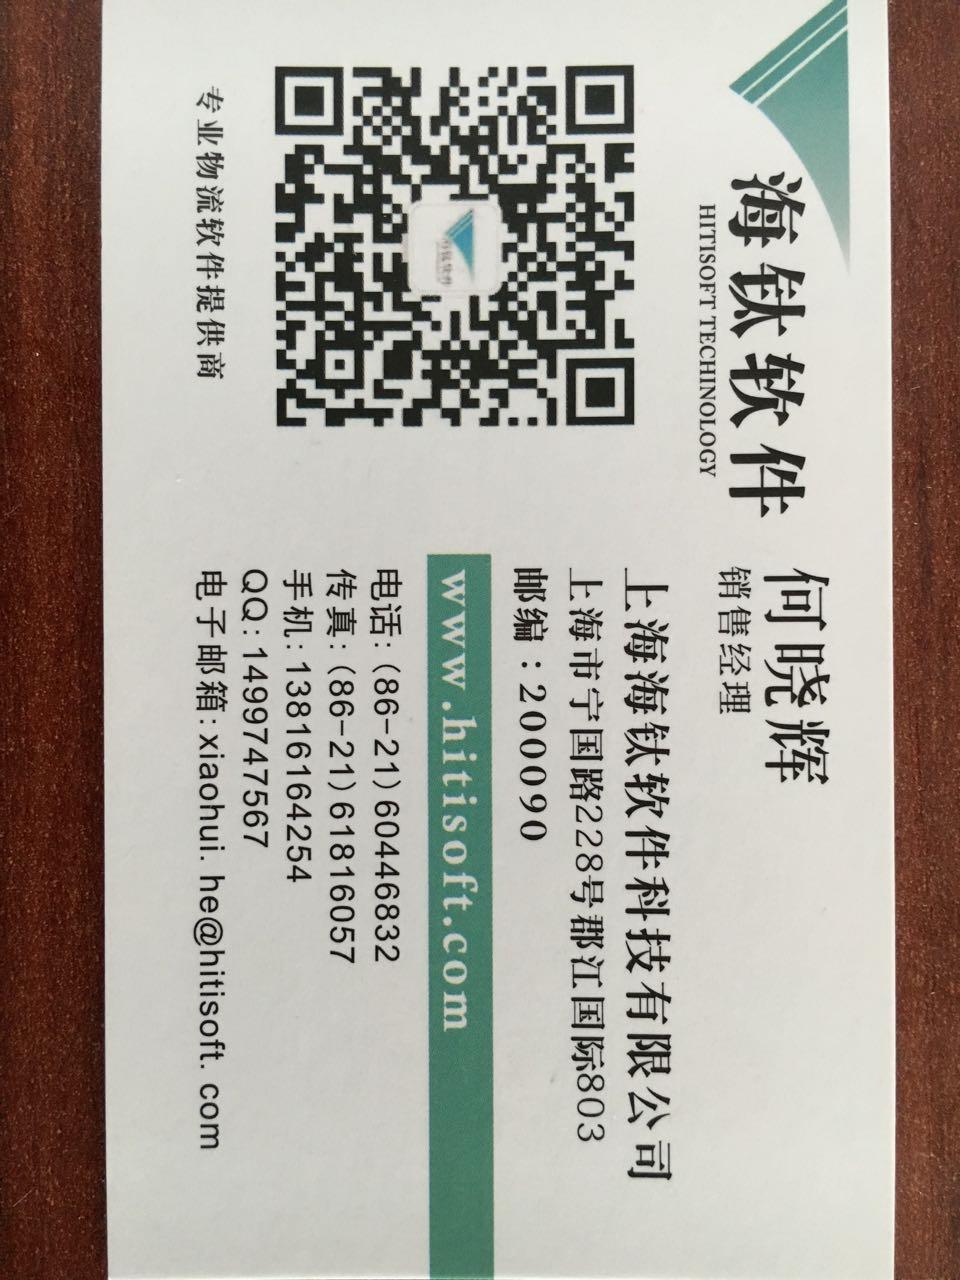 来自何晓辉发布的供应信息:上海海钛软件科技有限公司 --FOS国际... - 上海海钛软件科技有限公司